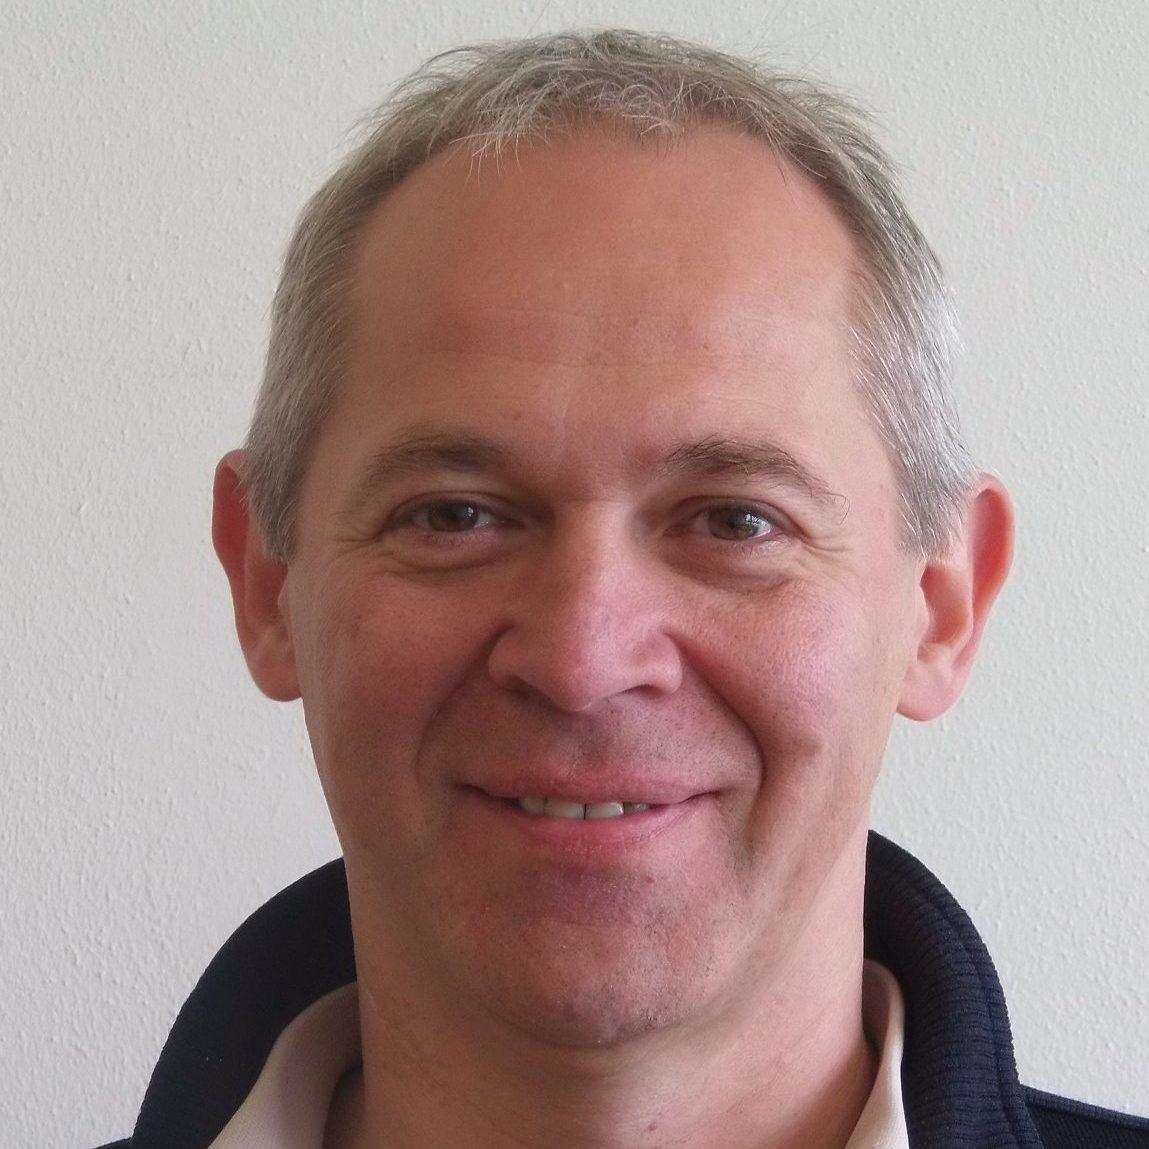 Stefan Vandoren